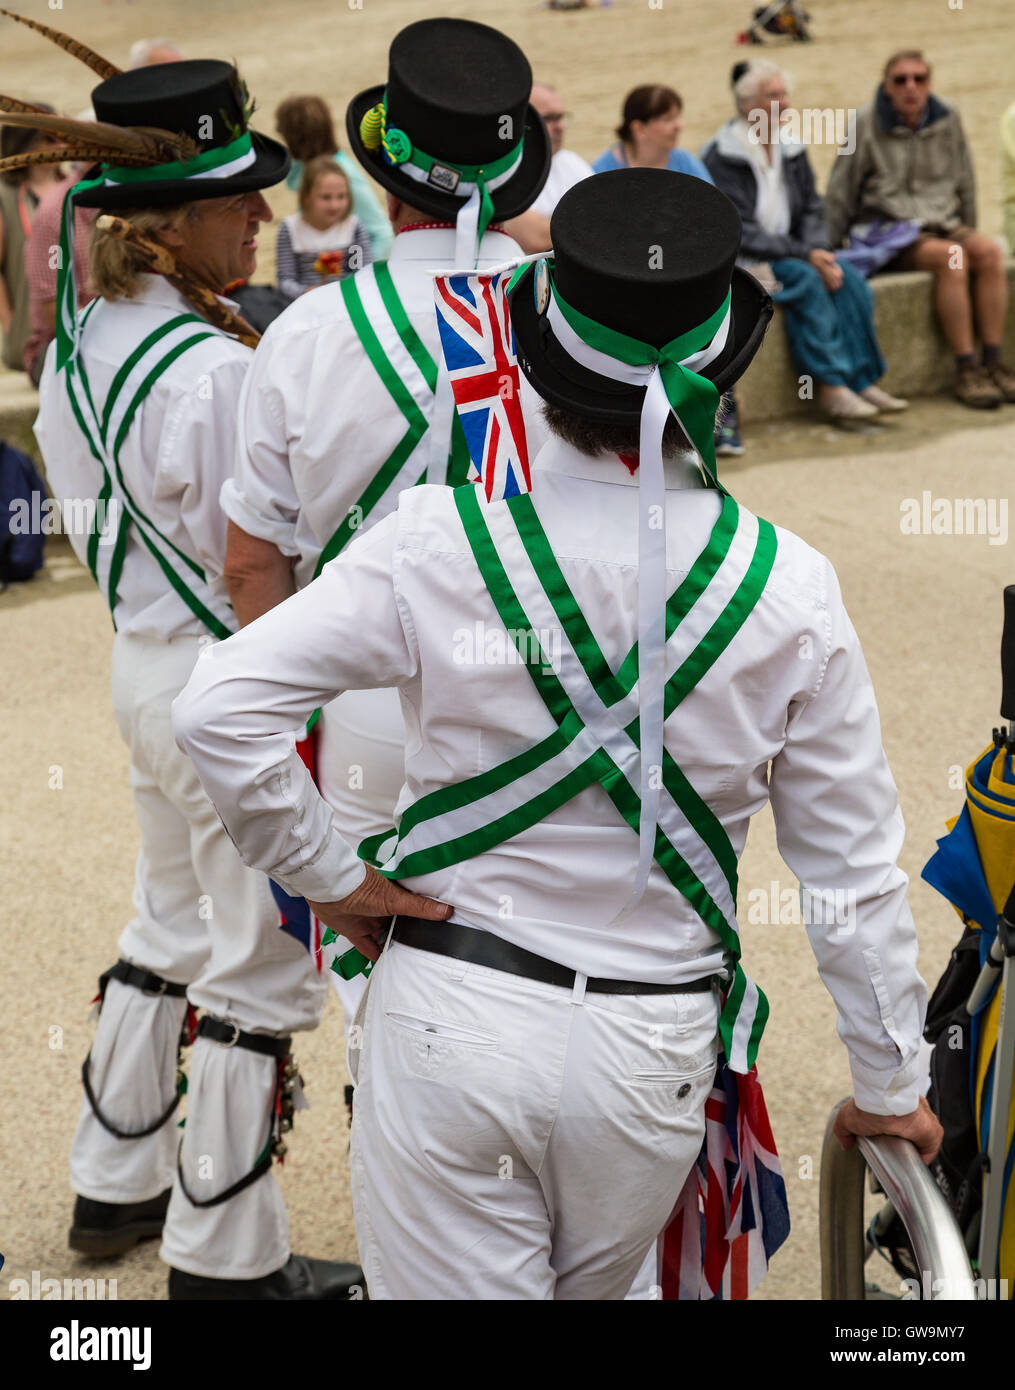 Morris Dancers at Lym Regis - Stock Image